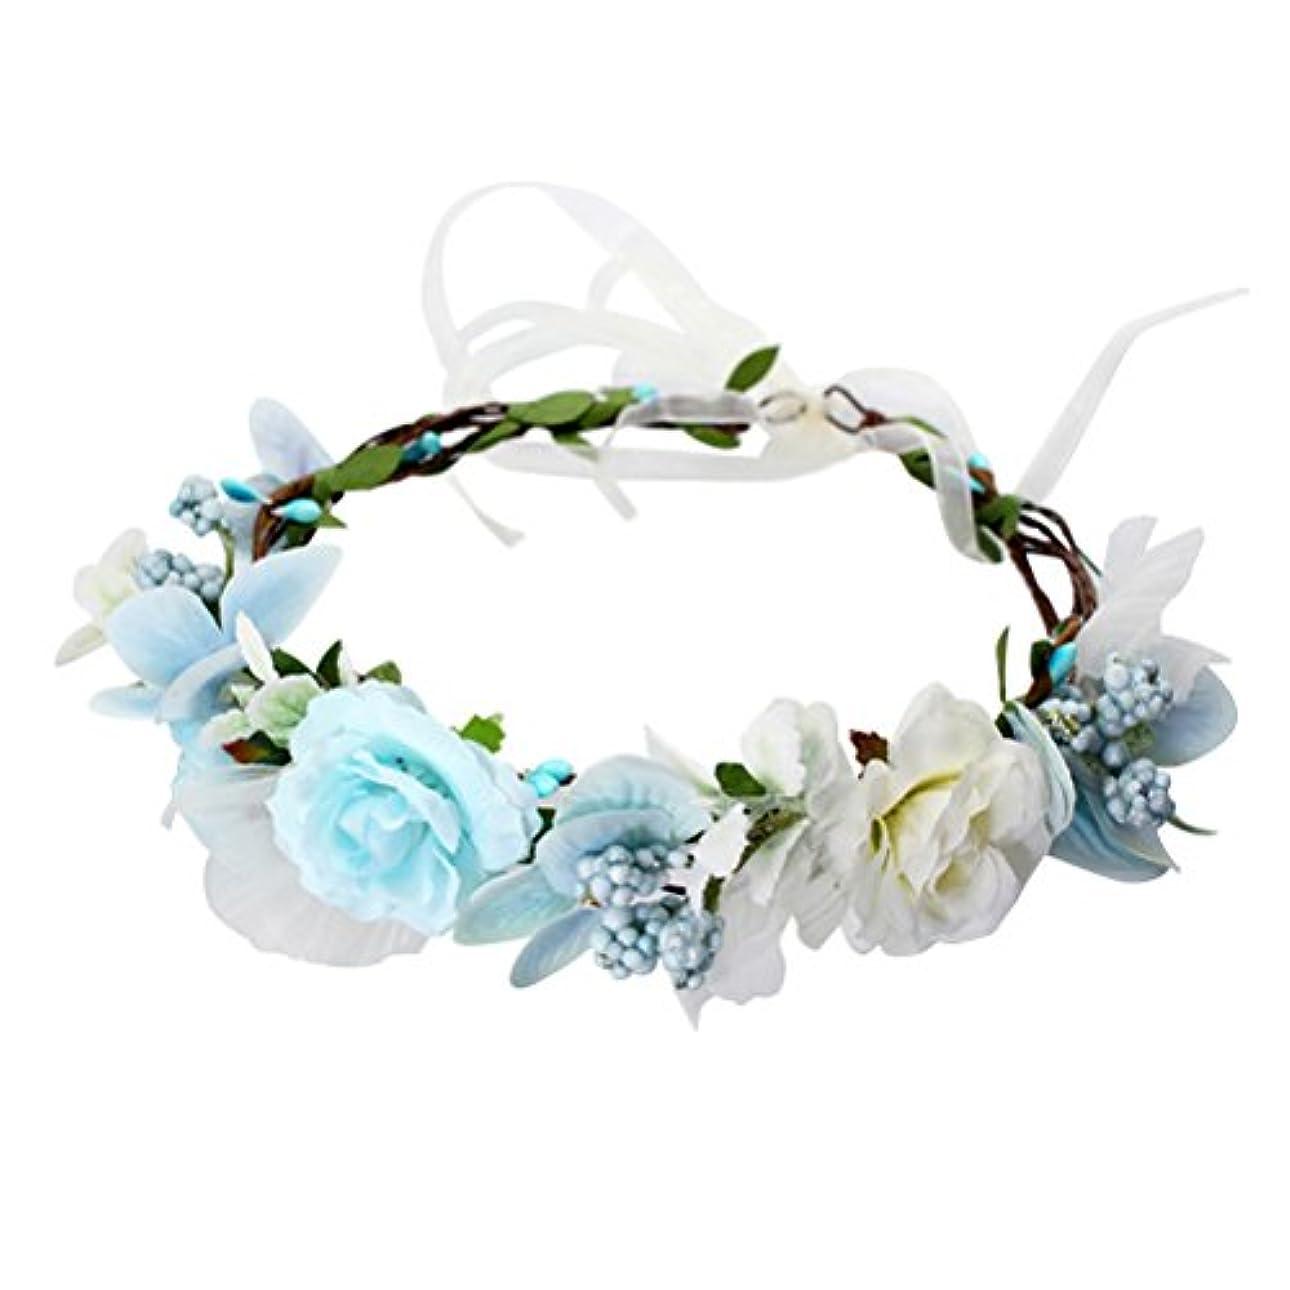 学ぶアトム避けられないWINOMO 花かんむり 花冠 花飾り ヘアアクセサリー ブライダル ウェディング 結婚式 花嫁 写真 発表会